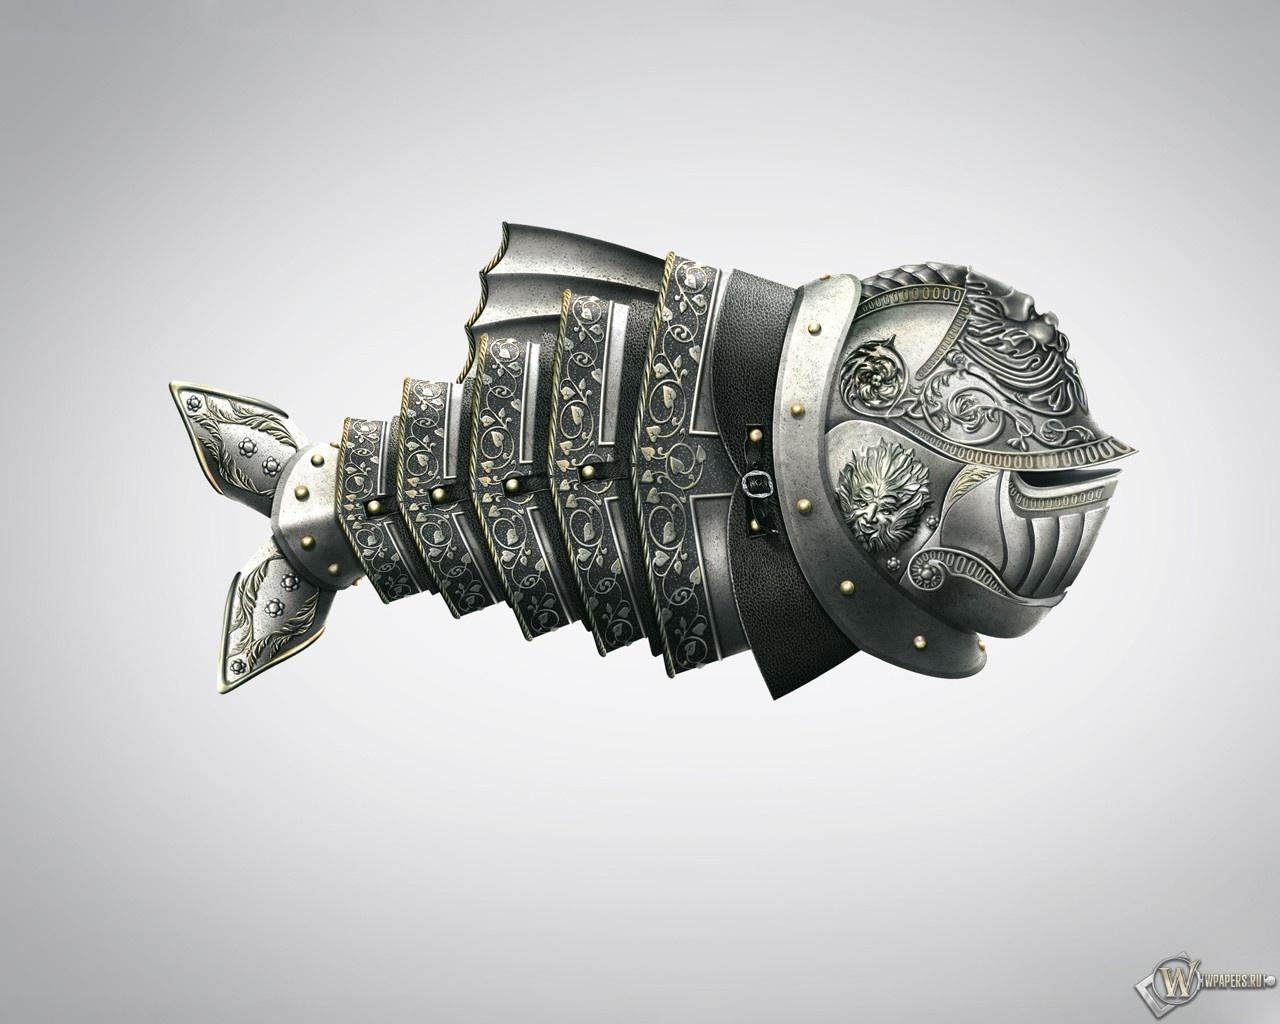 Рыба в доспехах 1280x1024